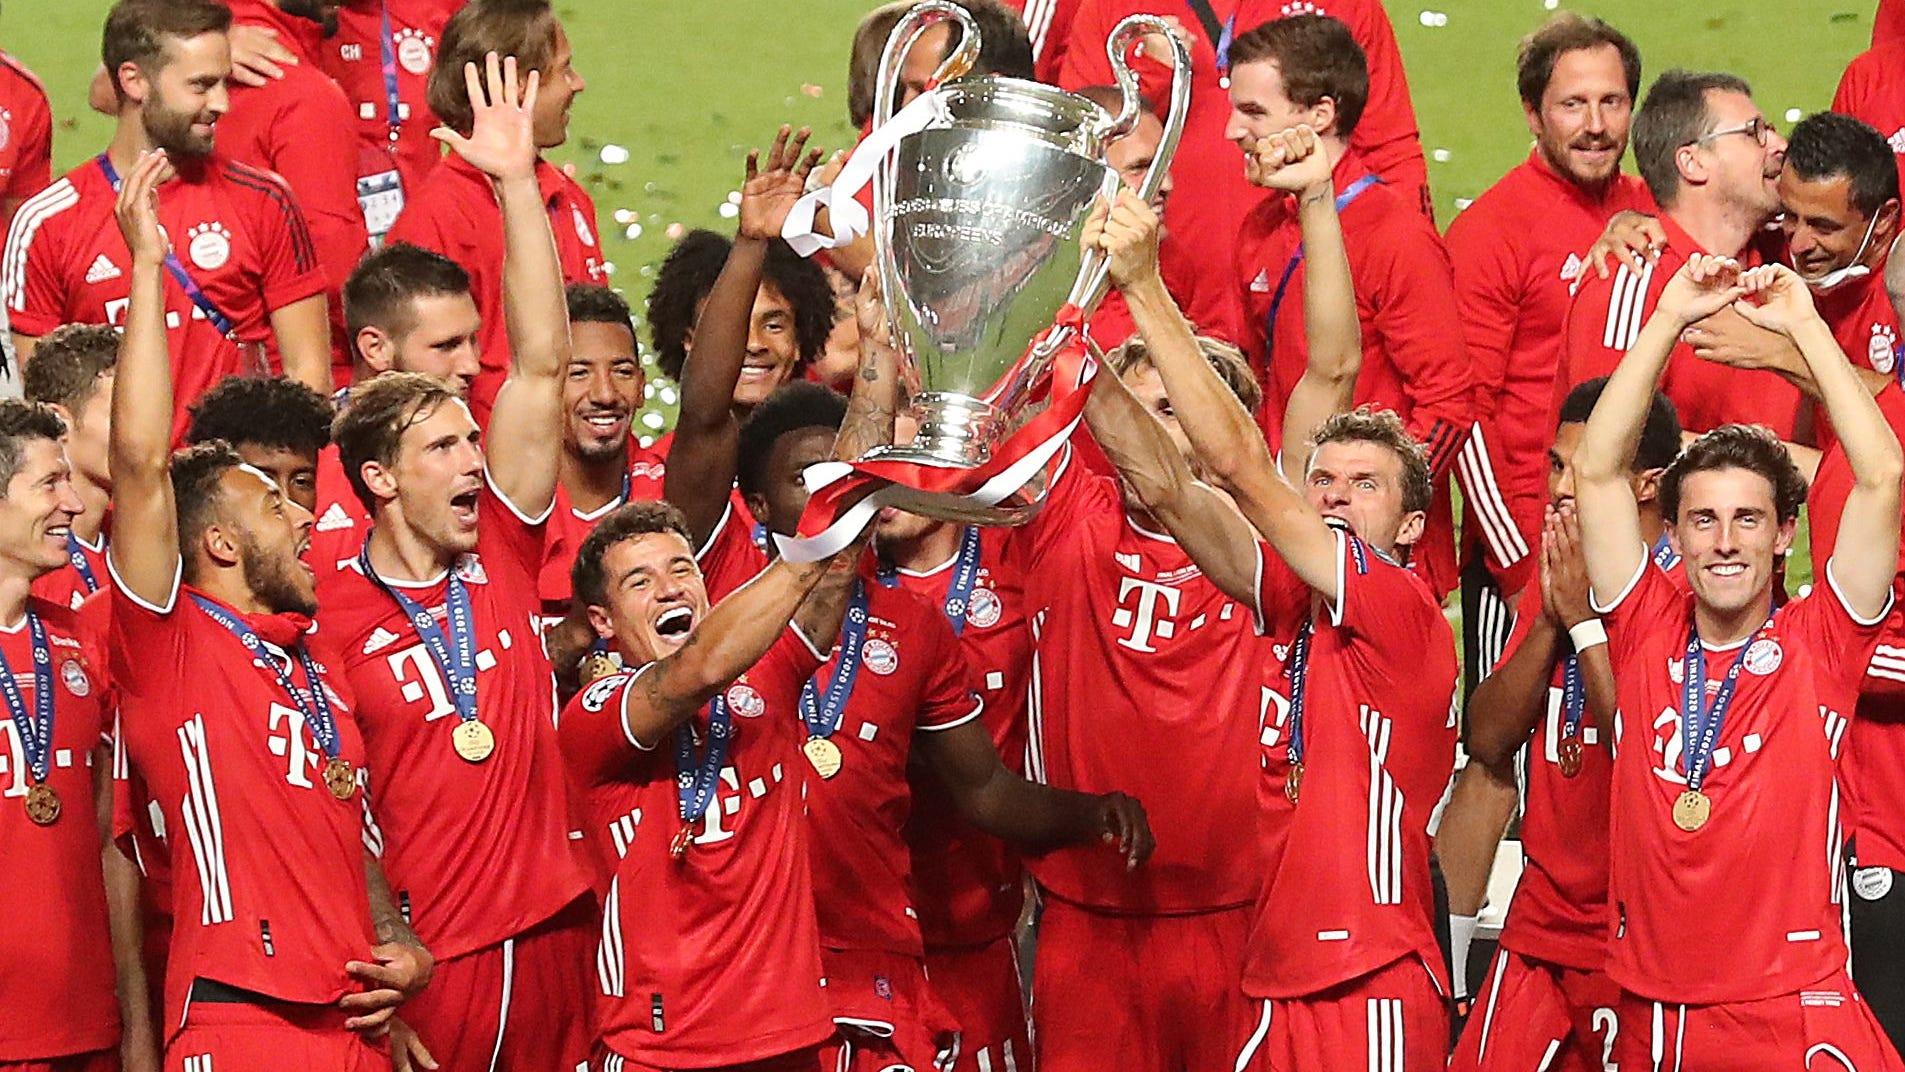 2020 champions league final bayern munich tops paris saint germain 2020 champions league final bayern